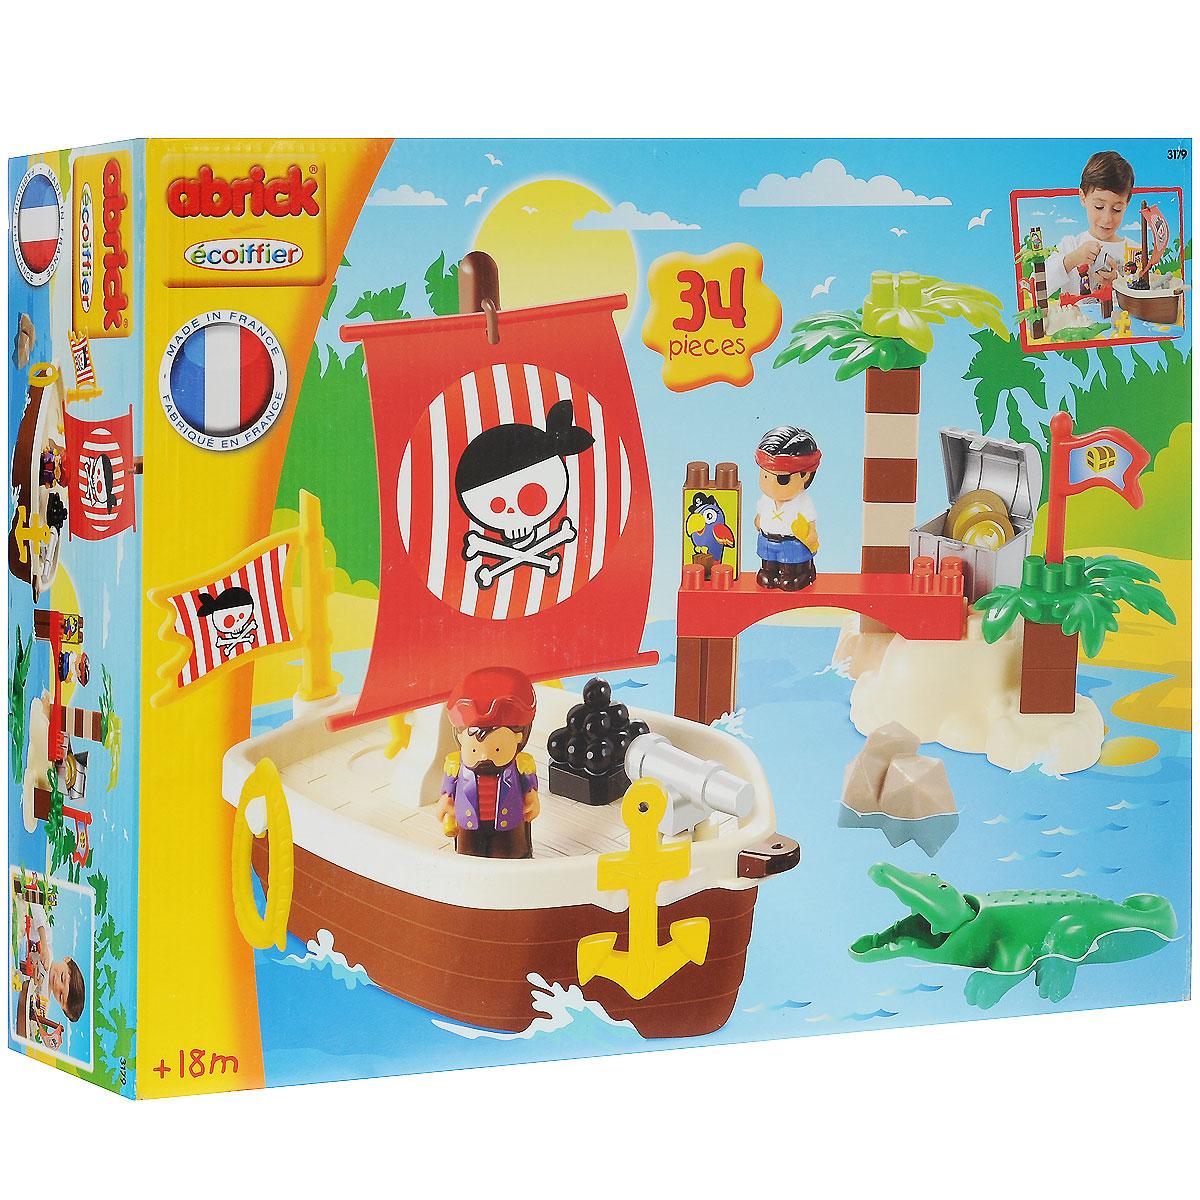 Ecoiffier Конструктор Сокровища пиратов3179Конструктор Ecoiffier Сокровища пиратов не только порадует вашего малыша, но и позволит ему провести время с пользой. Игровой набор состоит из 34 деталей конструктора, выполненных из безопасного высококачественного пластика ярких цветов (детали для сборки пиратского корабля, острова с сокровищами, две фигурки пиратов, фигурка крокодила, детали декора, аксессуары). Из элементов конструктора малыш сможет собрать пиратский корабль и отправиться на поиски острова с сокровищами, а также разыграть сценки из жизни пиратов. Фигурки пиратов будут очень интересными вашему ребенку, так как они имеют подвижные ручки и ножки, а у фигурки крокодила - открывается пасть. С любимыми героями ребенок может играть как один, так и в компании с друзьями, придумывая свои интересные истории. Замечательная игрушка-конструктор не только развлечет вашего ребенка, но и будет развивать в игре его логические и творческие навыки, мелкую моторику рук, усидчивость и внимание.